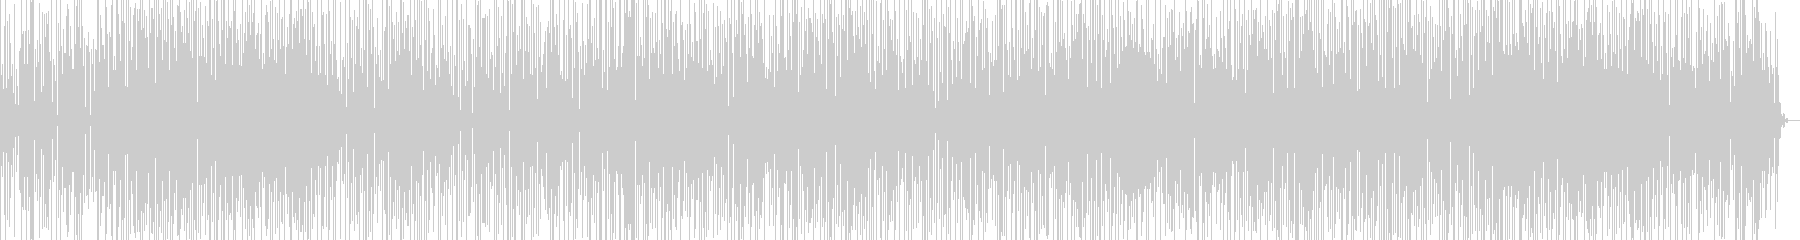 テクテク歩くイメージの楽曲の未再生の波形